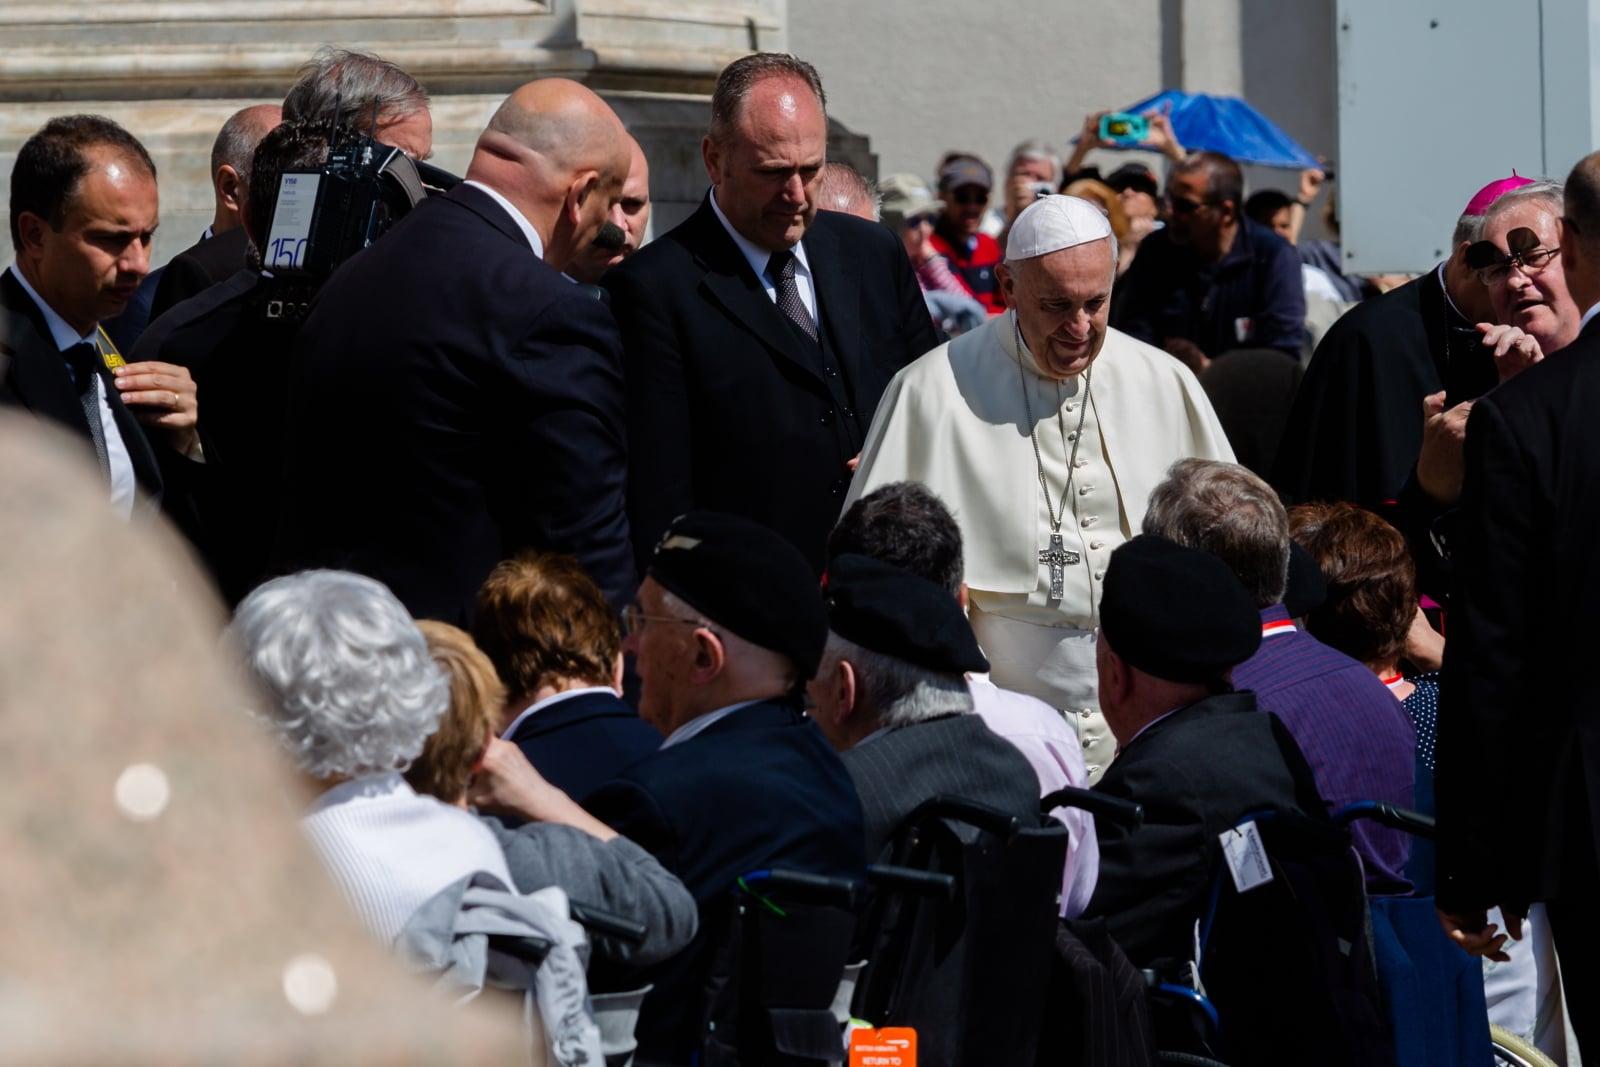 Ojciec Święty Franciszek wita kombatantów 2. Korpusu WP na placu Świętego Piotra w Watykanie podczas audiencji generalnej, fot. PAP/Adam Guz